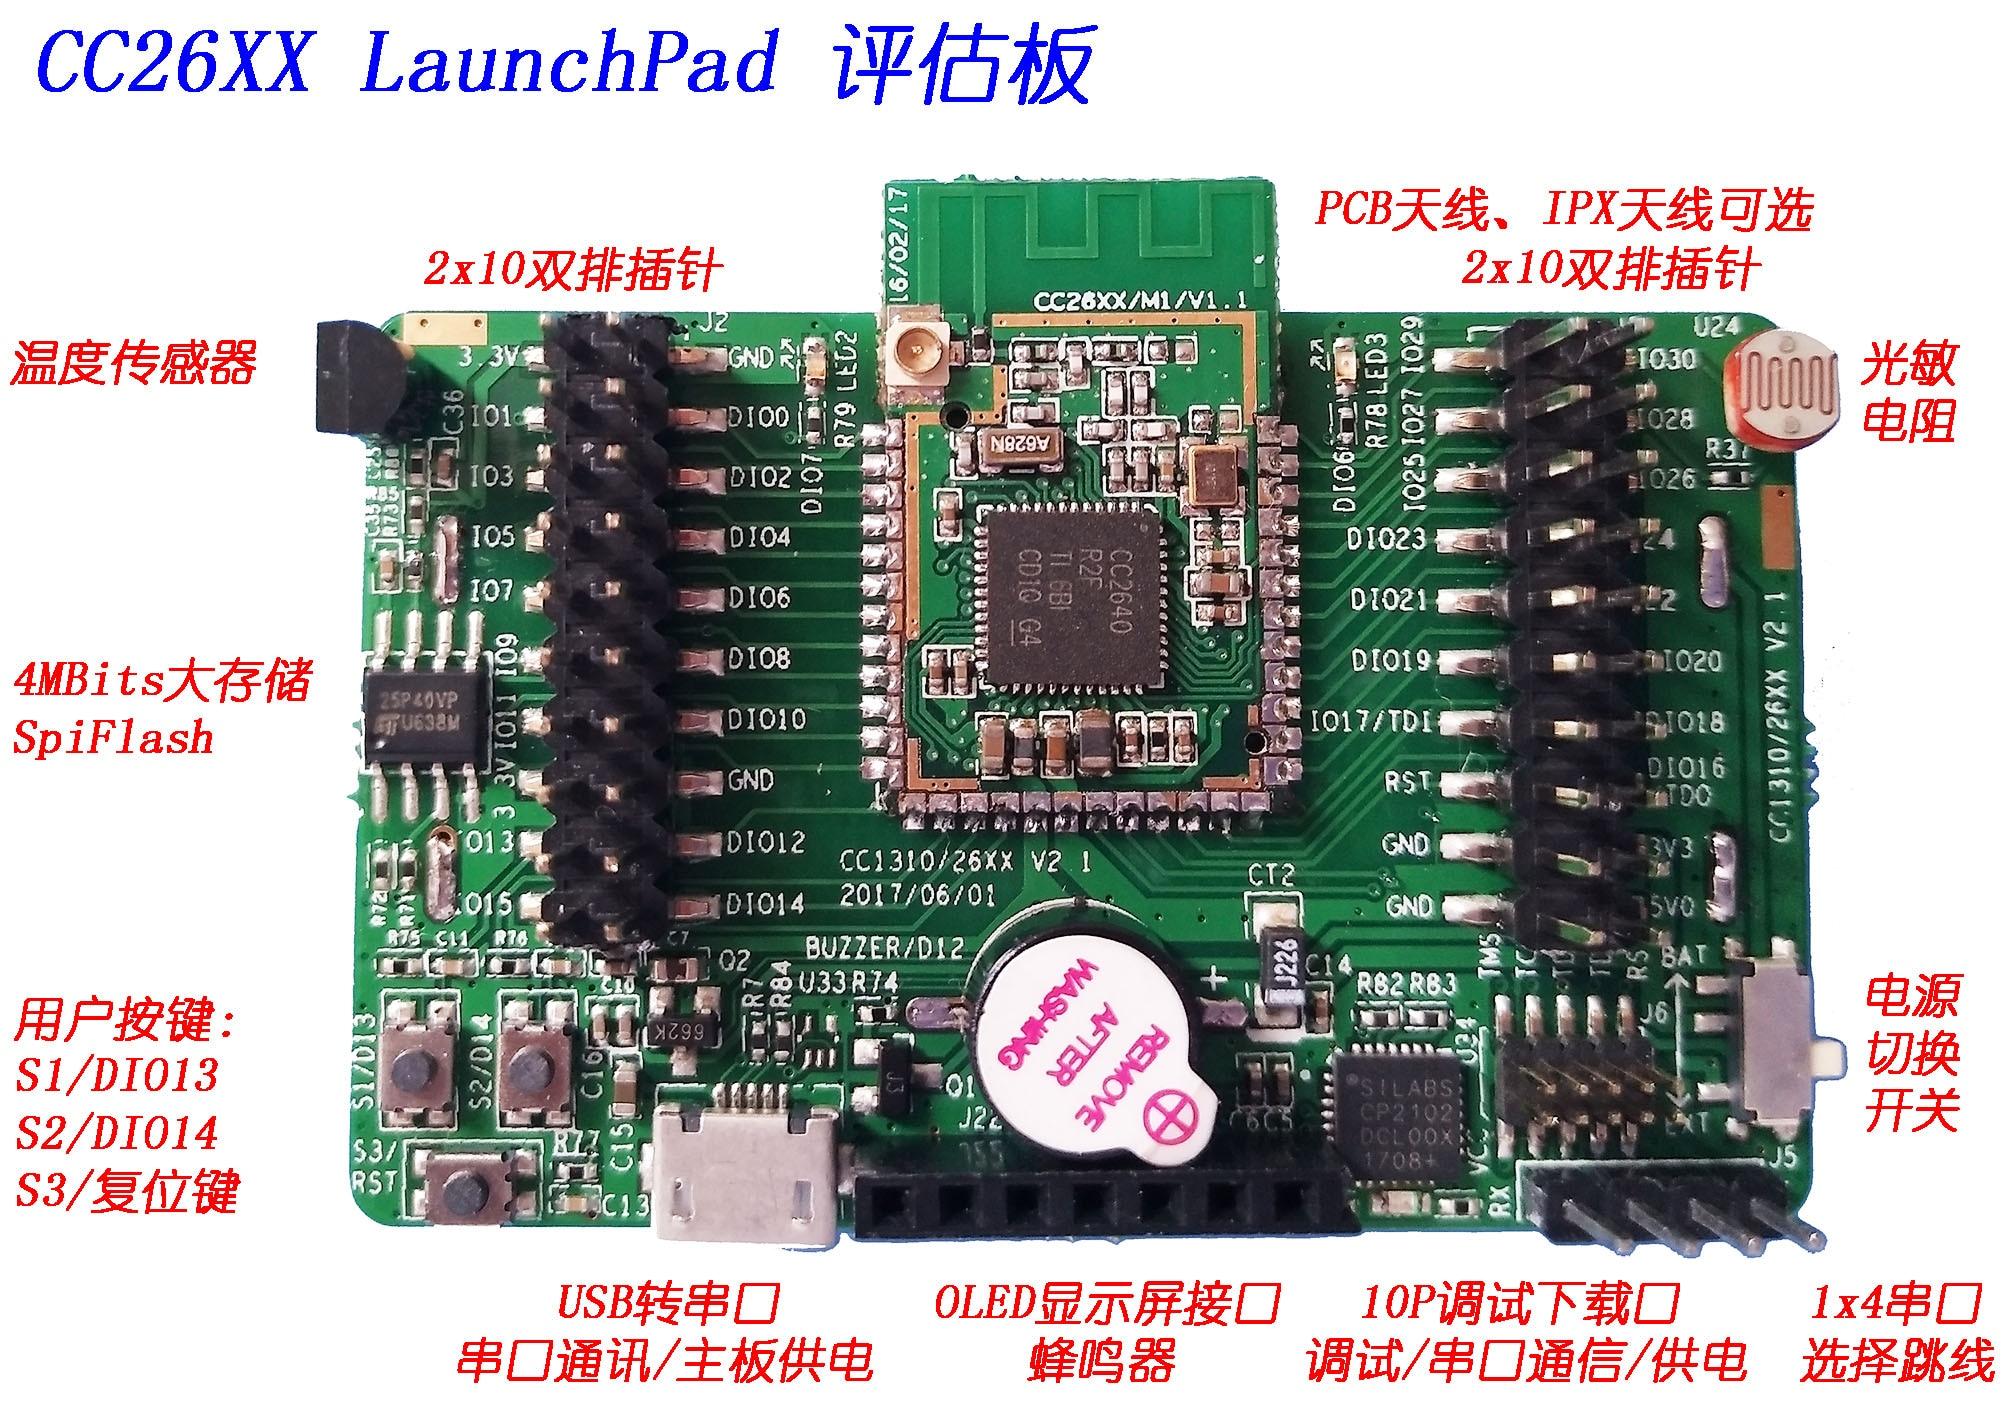 Cc2640r2f cc2592pa módulo, placa de desenvolvimento cc2640r2, suporte bluetooth 5.0, bluetooth 4.2